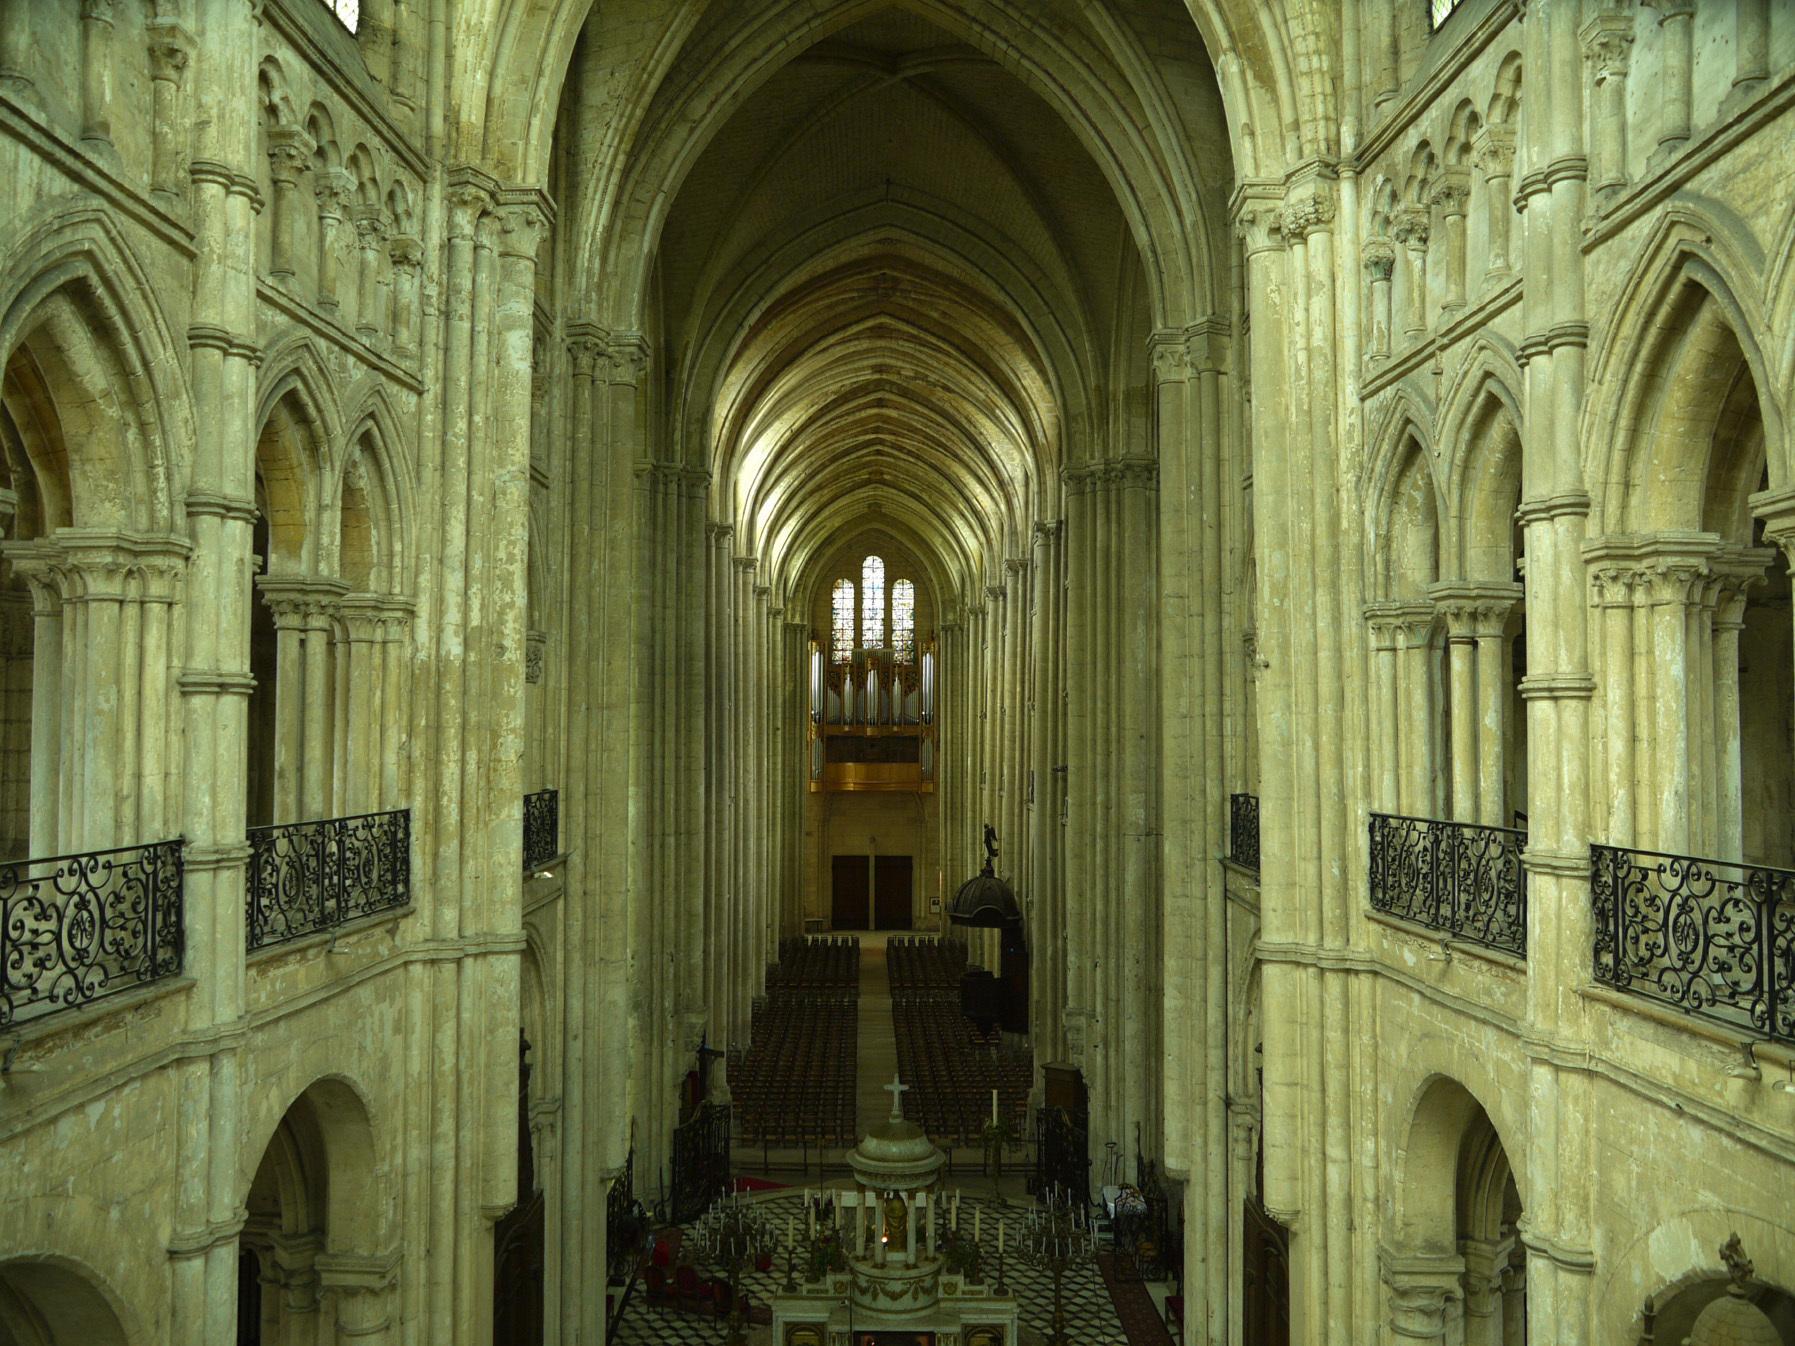 kathedralen wunderwerke der gotik